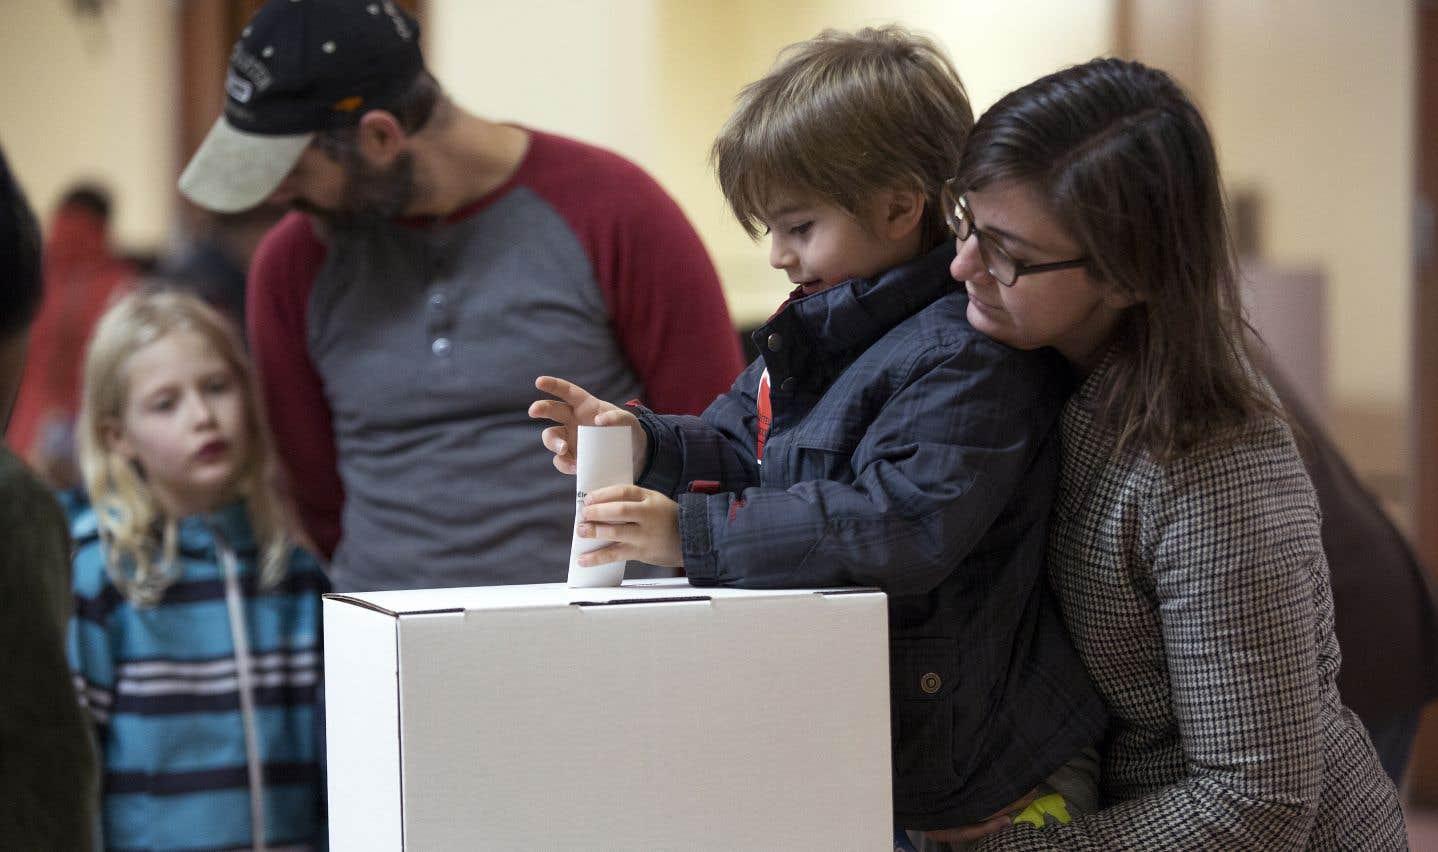 Dimanche soir, le taux de participation final n'avait pas été divulgué pour Montréal. Selon les résultats les plus récents, à 16 h, 31,59 % des électeurs s'étaient rendus aux urnes.